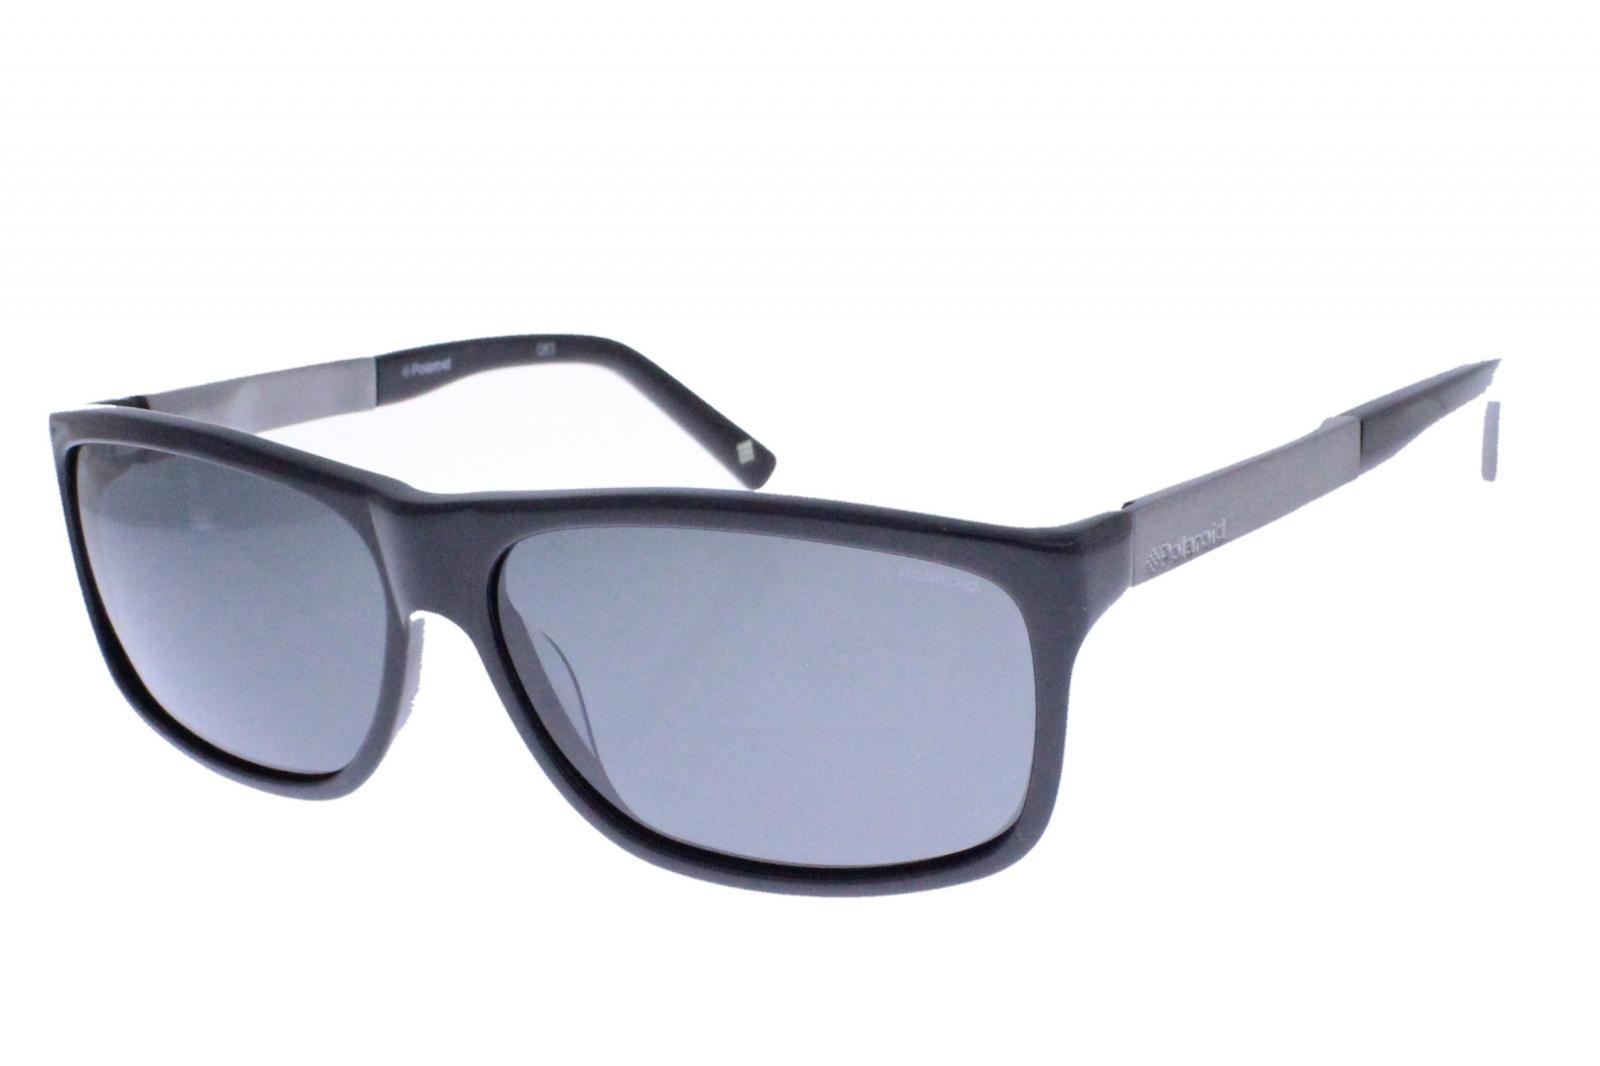 lunettes de soleil polaro d x8416 bc5 pas cher optical discount. Black Bedroom Furniture Sets. Home Design Ideas